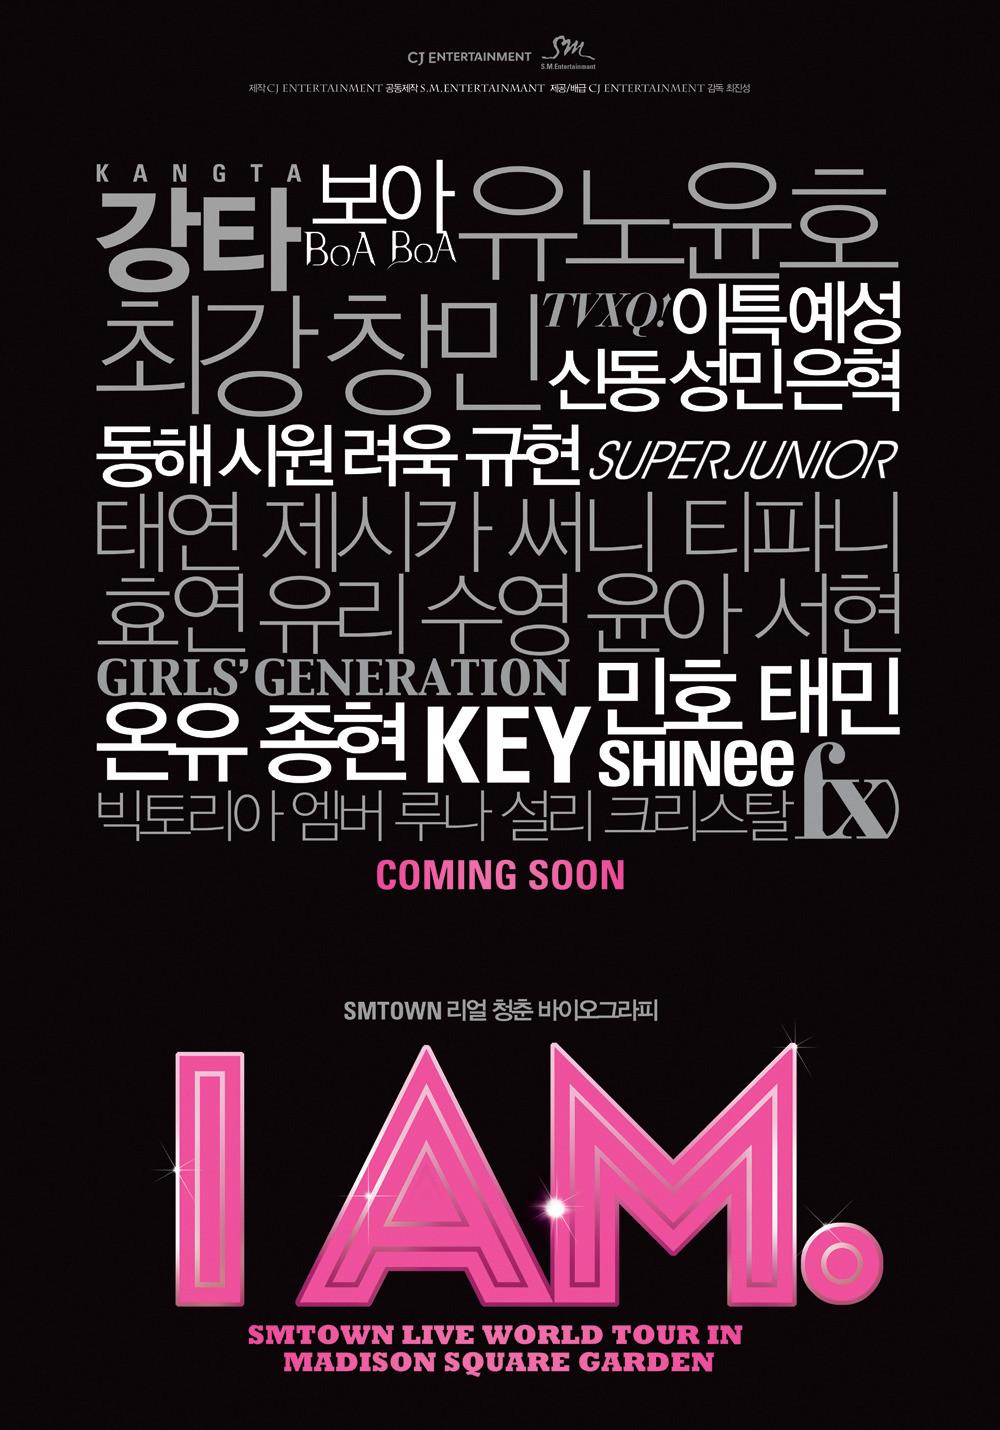 小学教师�y.i�f�x�_影片于2012年6月21日在韩国正式上映,并发布主题曲mv《dear my family